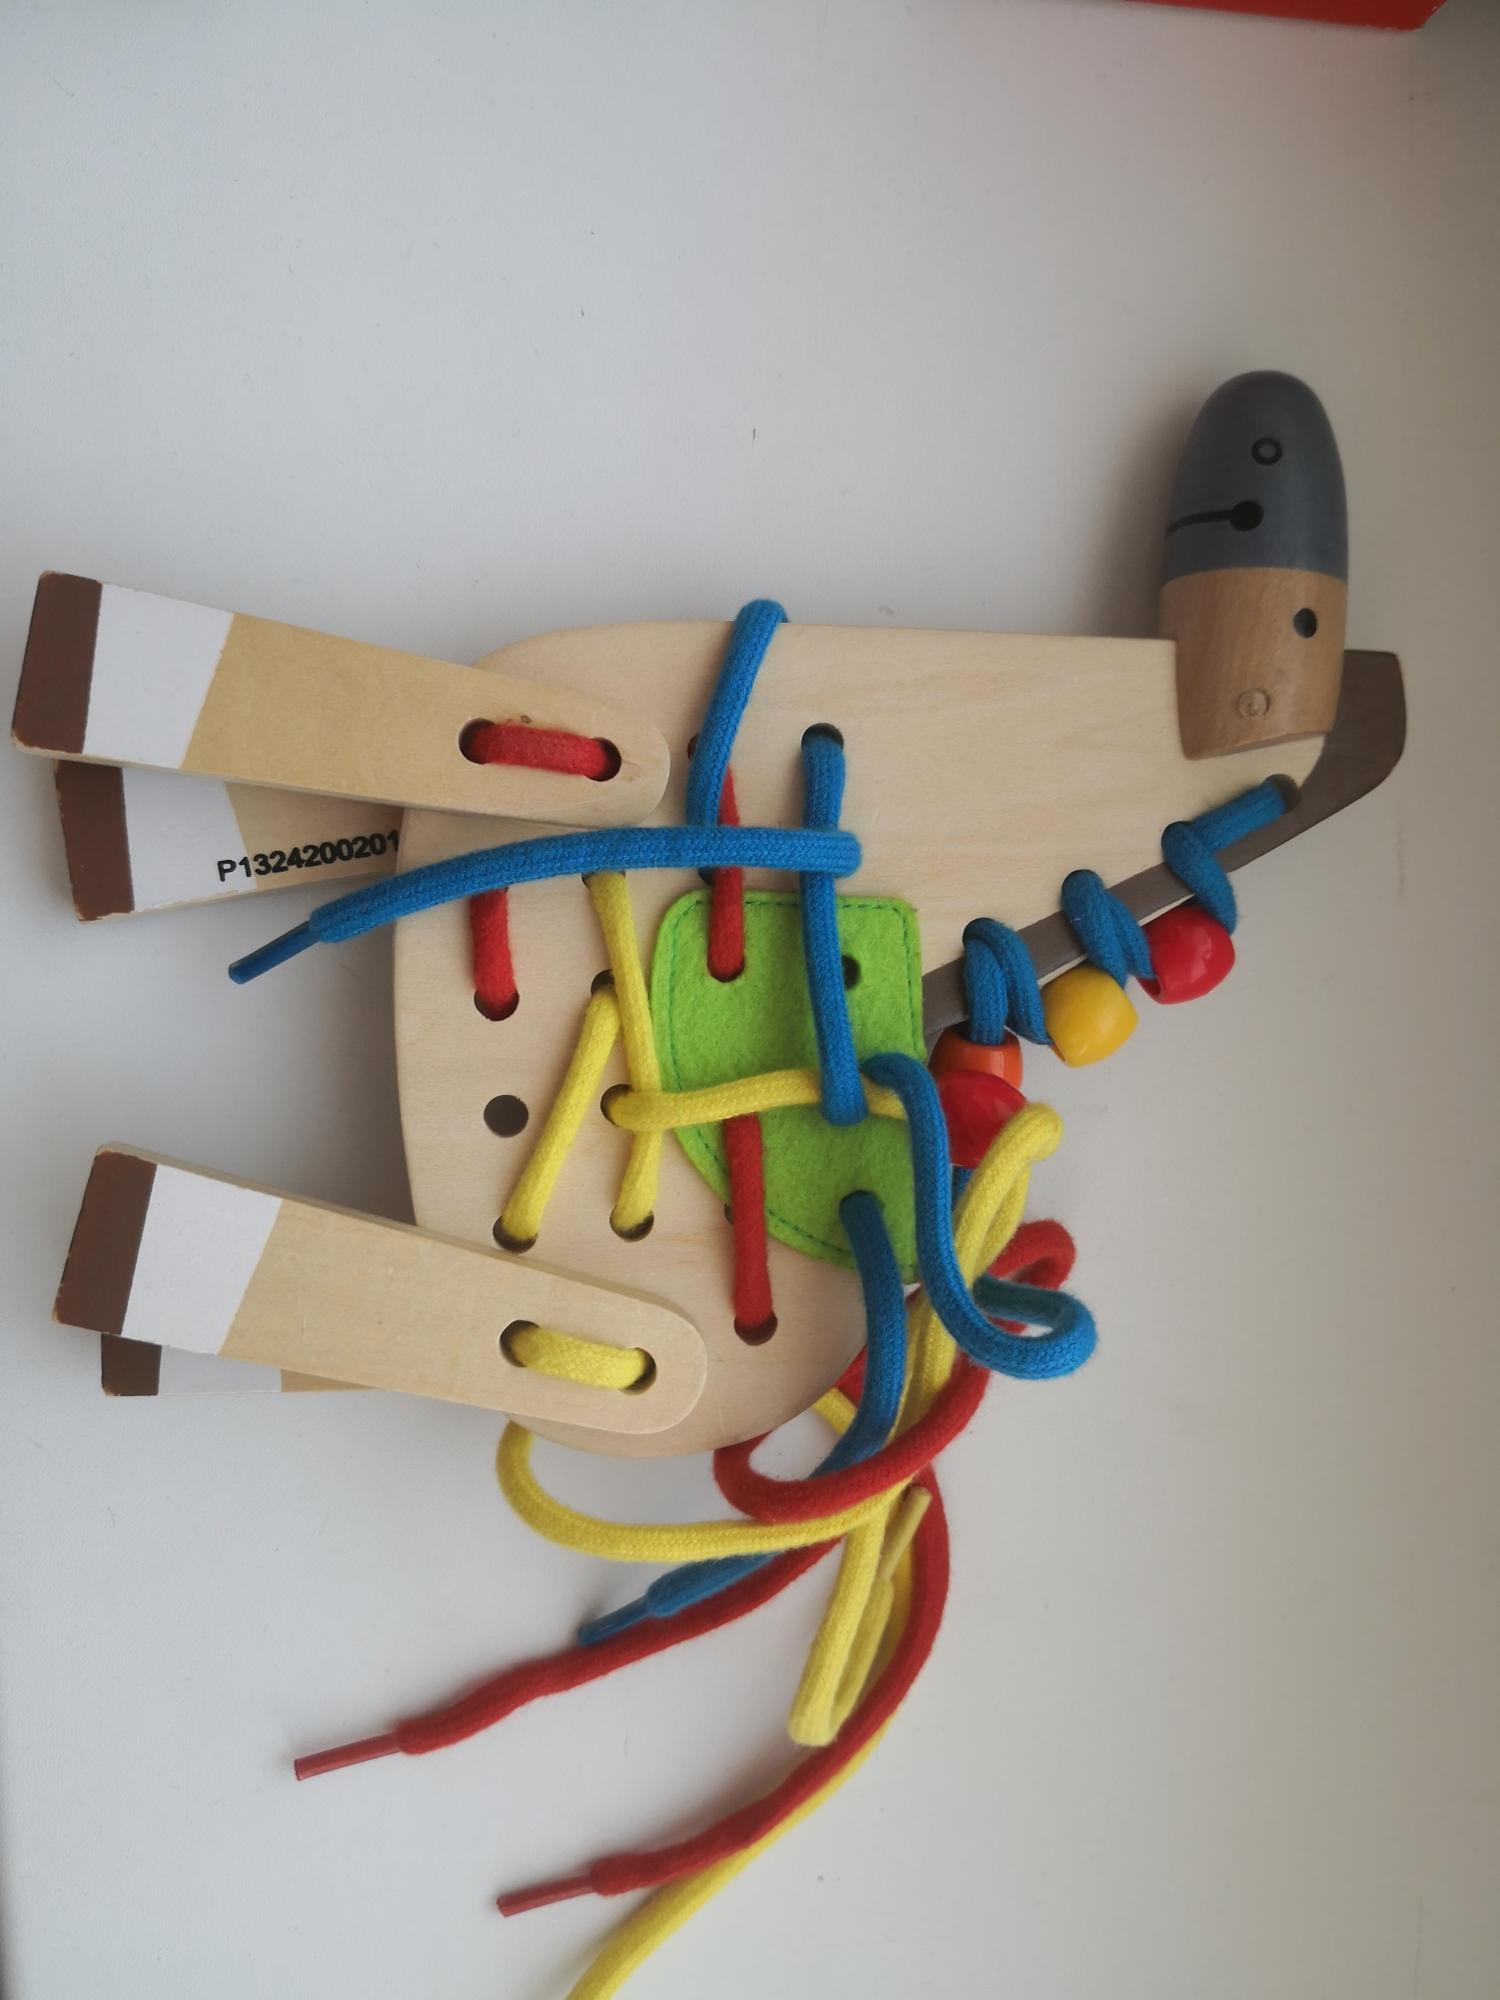 Развивающая деревянная игрушка-шнуровка в Москве 89651436560 купить 2